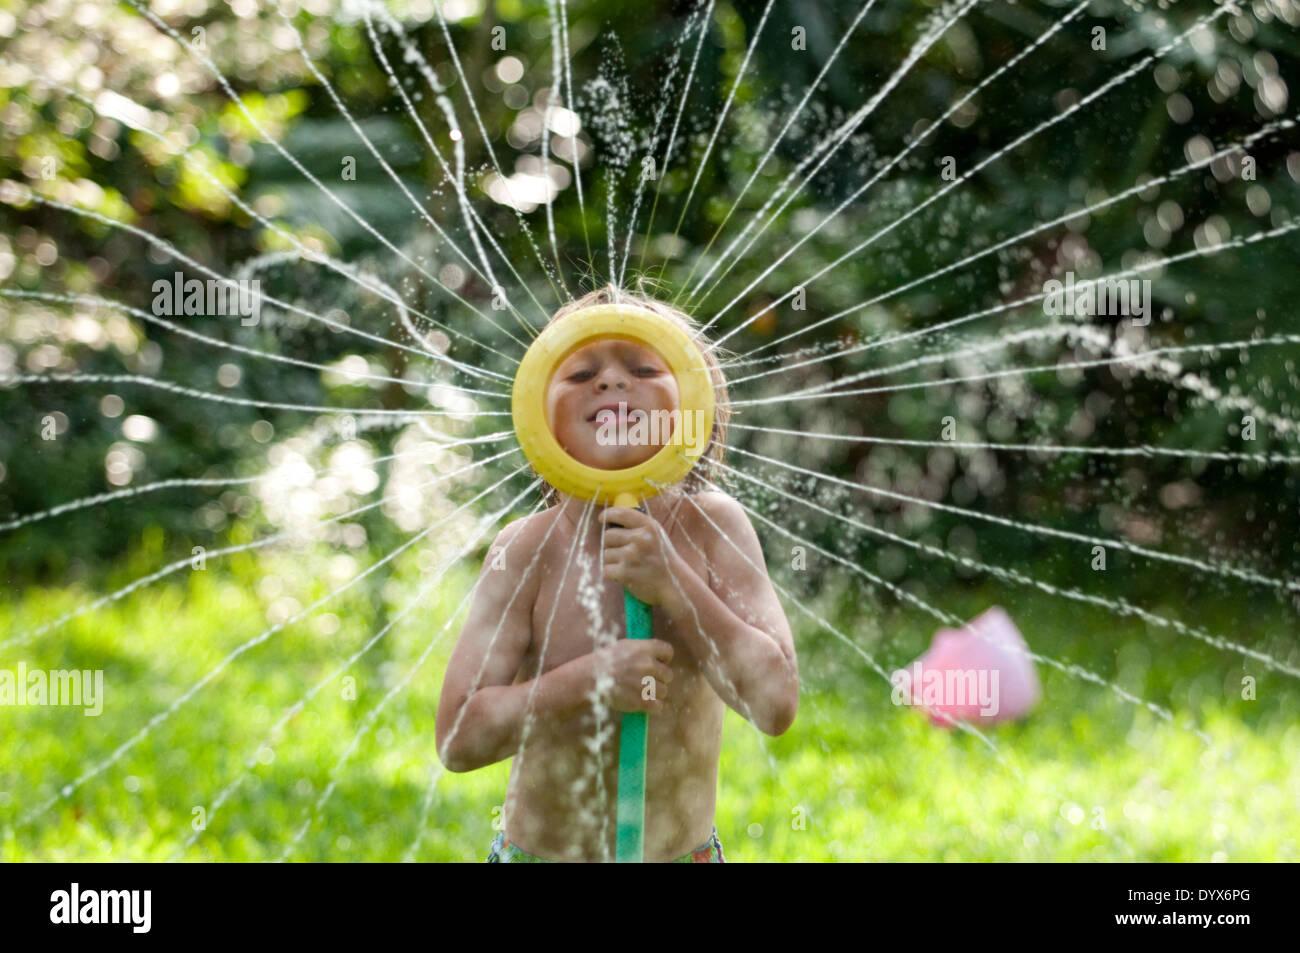 Ein Junge spielt mit einem Sprinkler im Garten. Stockbild